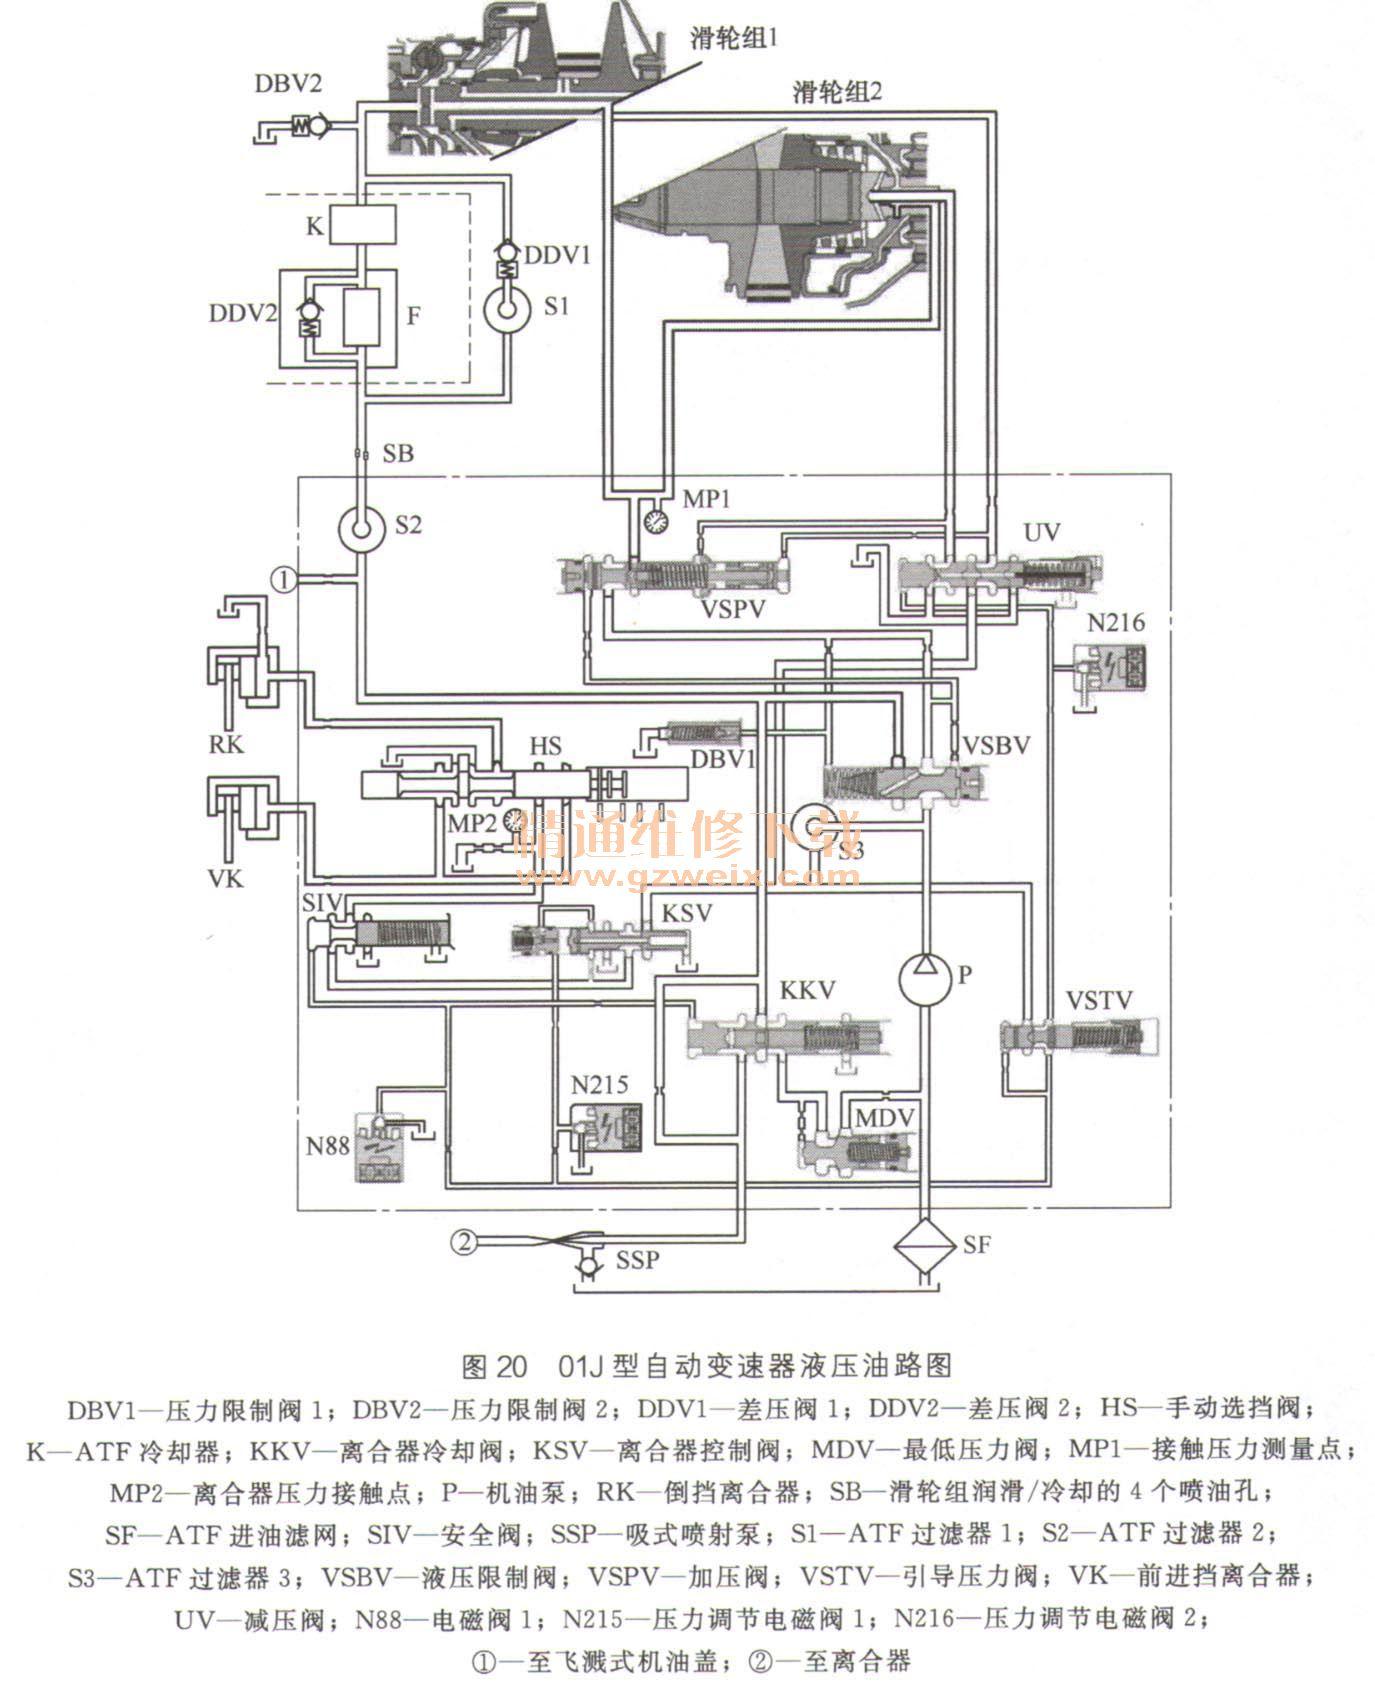 3. 01 V型自动变速器 01v型自动变速器是行星齿轮式五挡自动变速器,是在01F/01K自动变速器基础上开发出来的,目前使用在A4、A6、A8等车型上。该变速器装有5个液压控制的前进挡,液力变矩器装有锁止离合器。当锁止离合器闭合时,前进挡位通过变矩器滑差效应转换成机械驱动挡。 01v型自动变速器利用一个Ravigneaux行星齿轮组件和一个单排行星齿轮组件来实现5个前进挡和1个倒挡,其换挡执行元件如图14所示。  01v型自动变速器换挡执行元件与行星齿轮组件的作用关系见表5。  01v型自动变速器电路